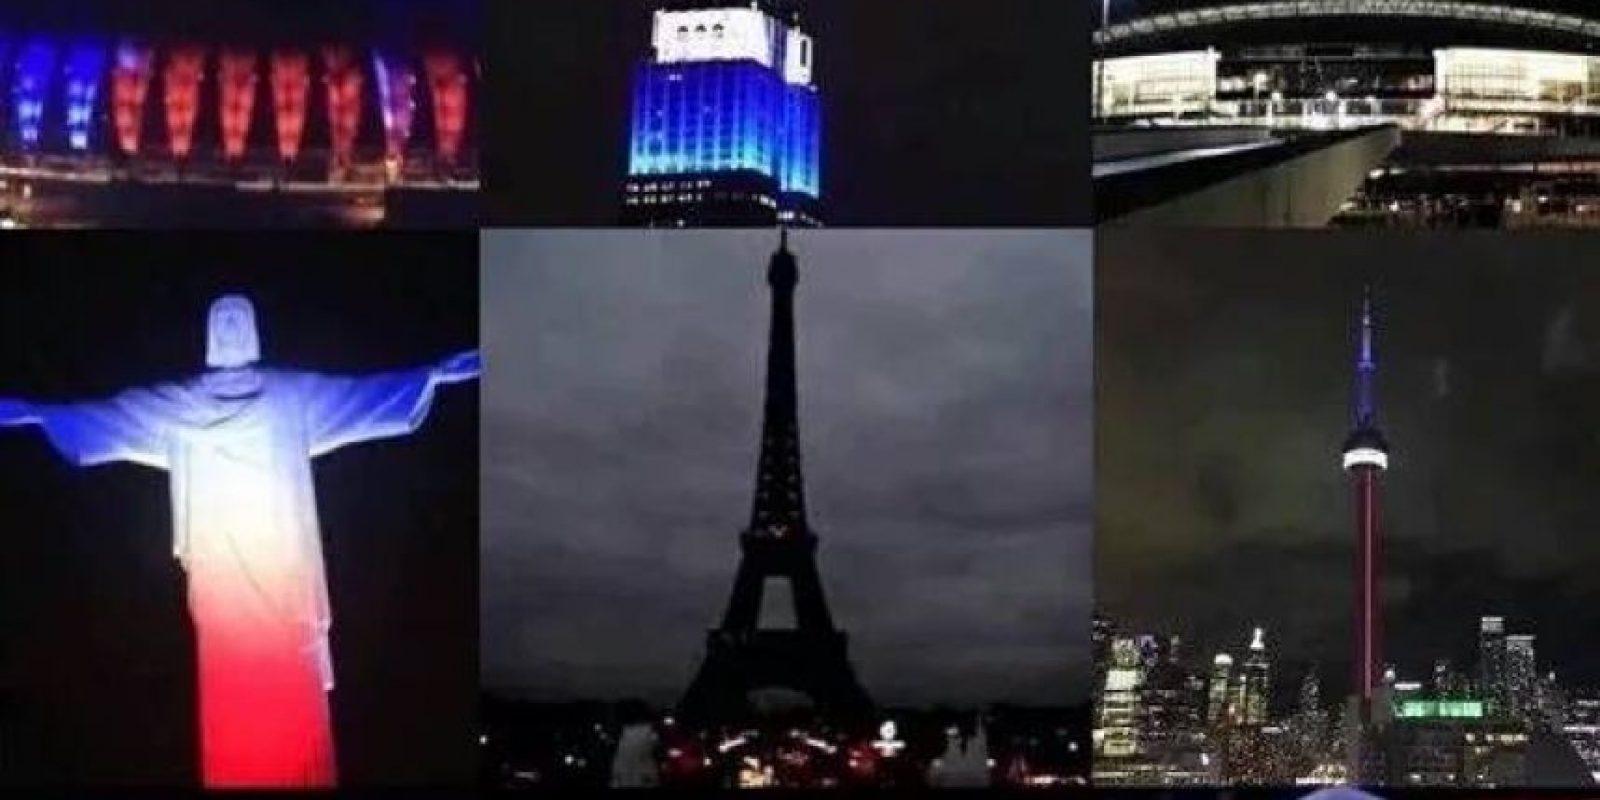 Cristiano Ronaldo: No puedo permanecer indiferente ante el horror de los ataques en París. Mis pensamientos están con las víctimas y sus familiares. Foto:Vía facebook.com/Cristiano